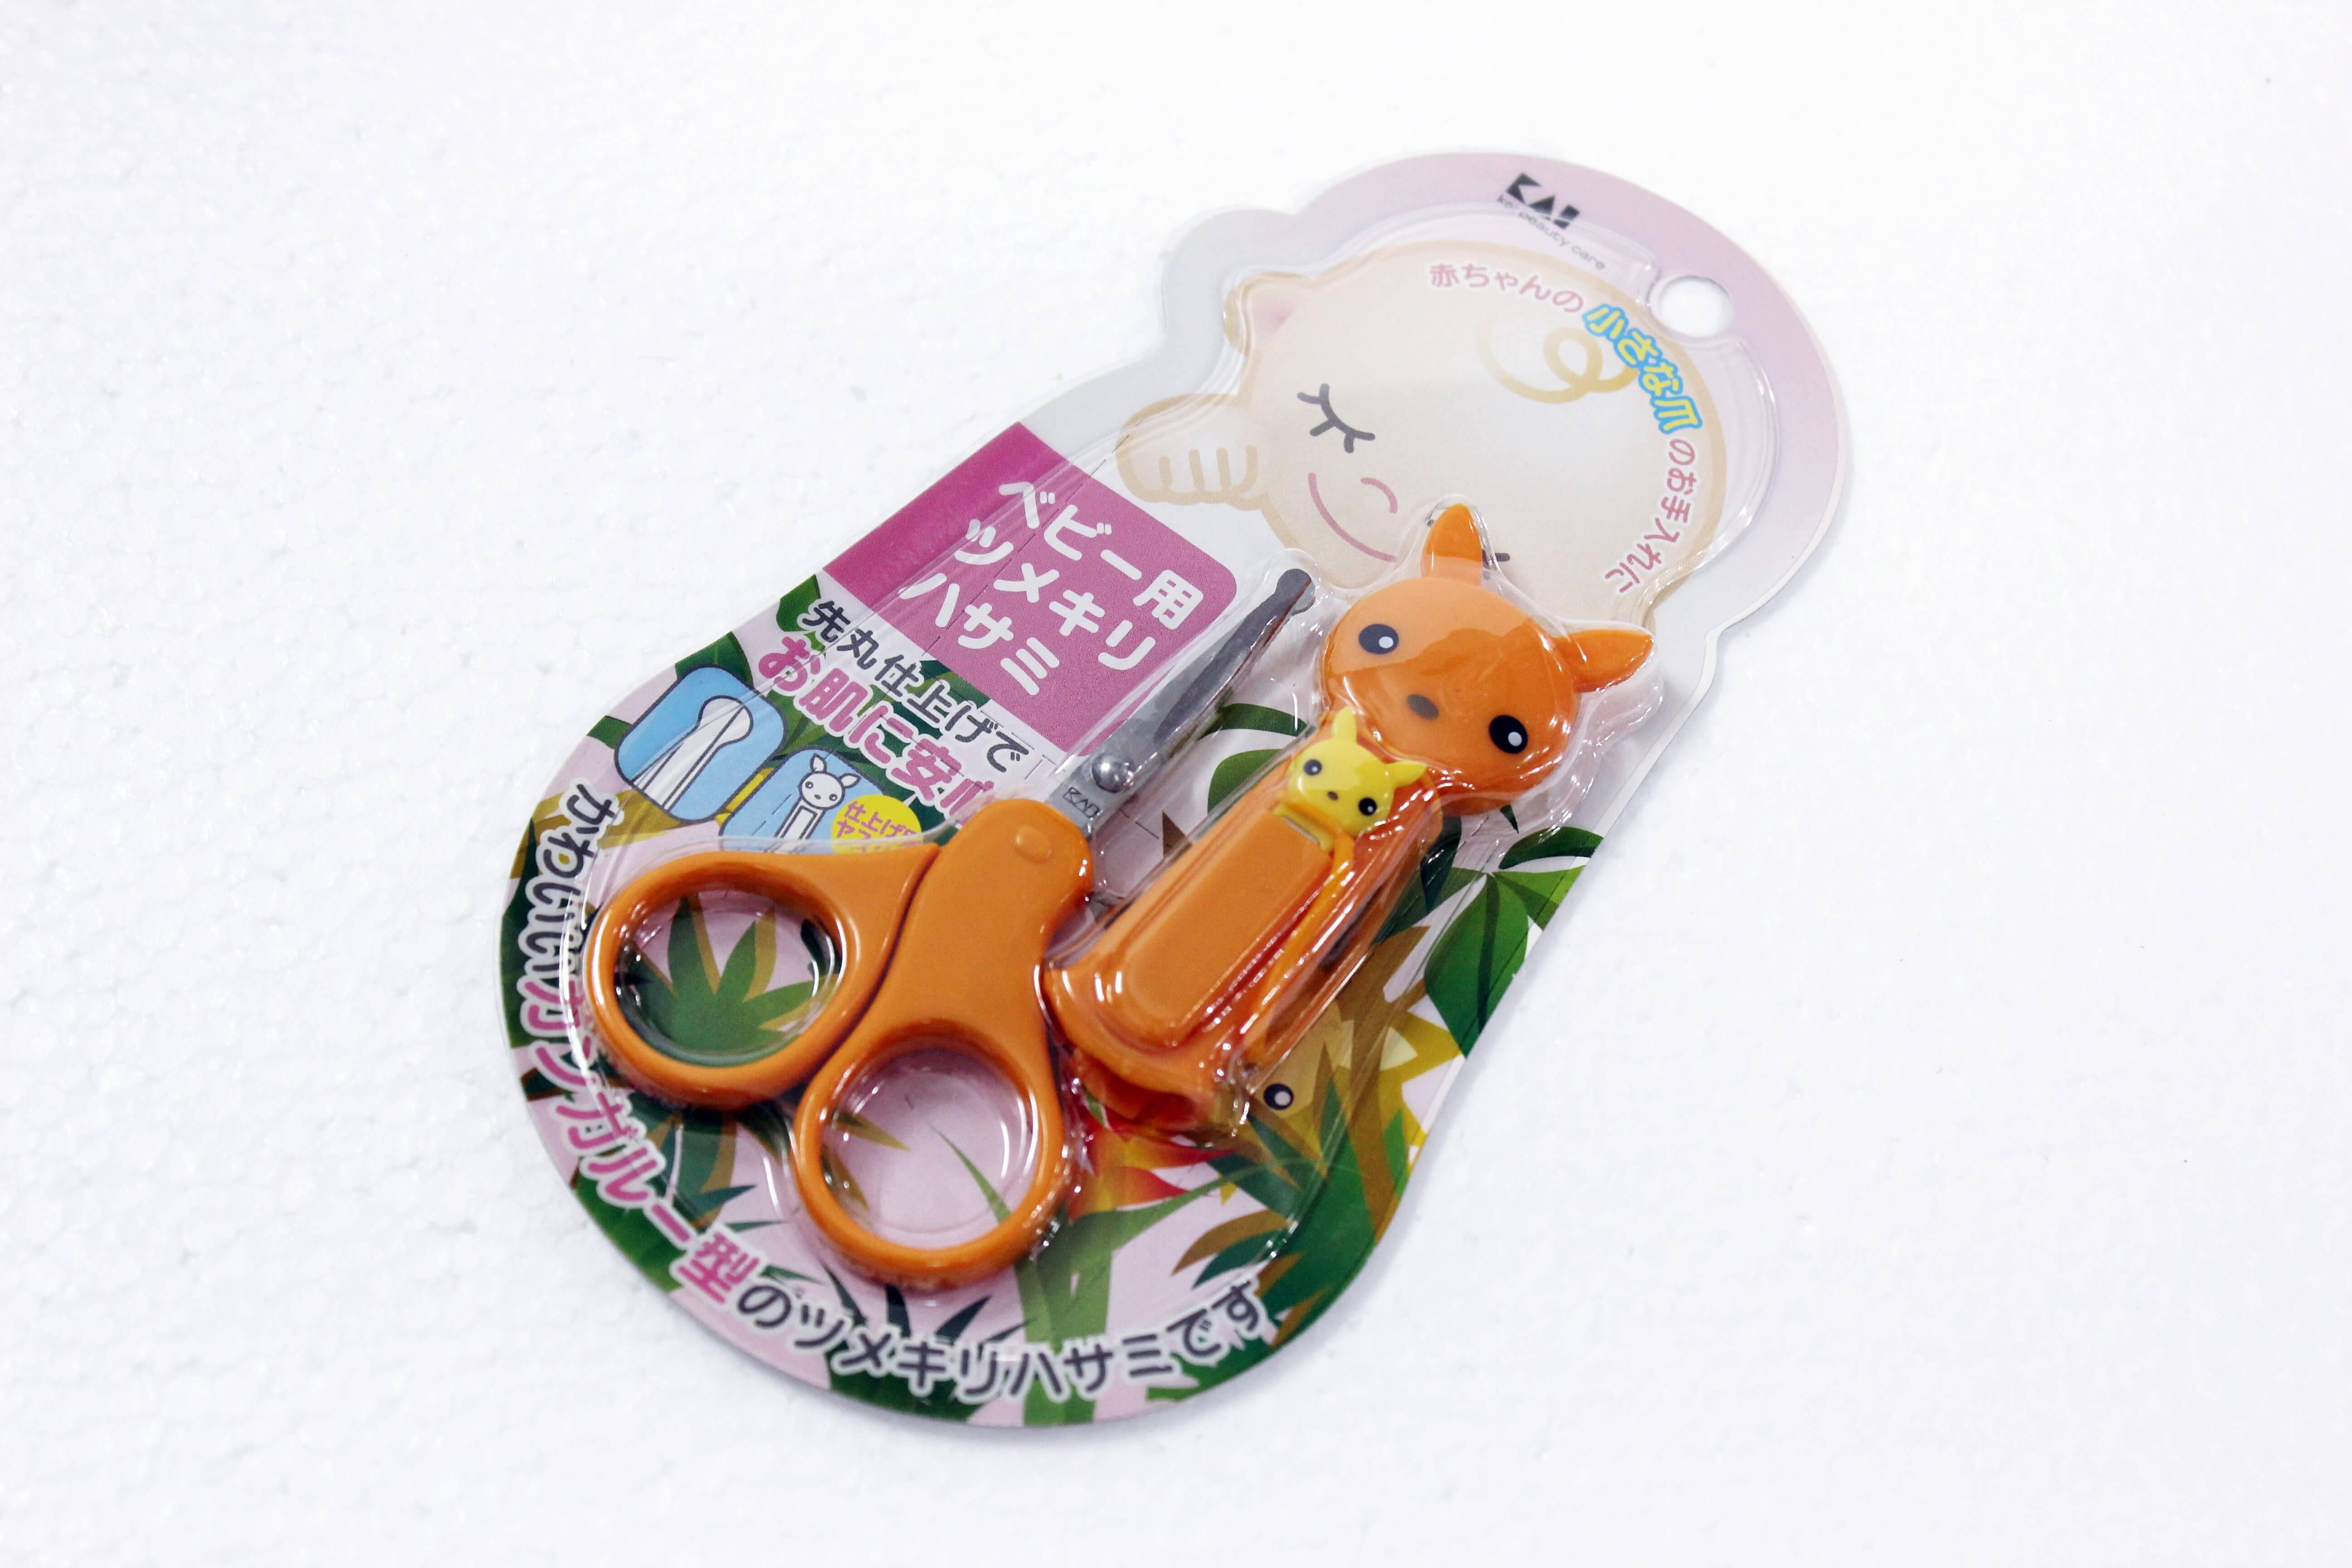 Kéo cắt móng tay cho bé kèm nắp đậy KAI- Hàng Nhật nội địa